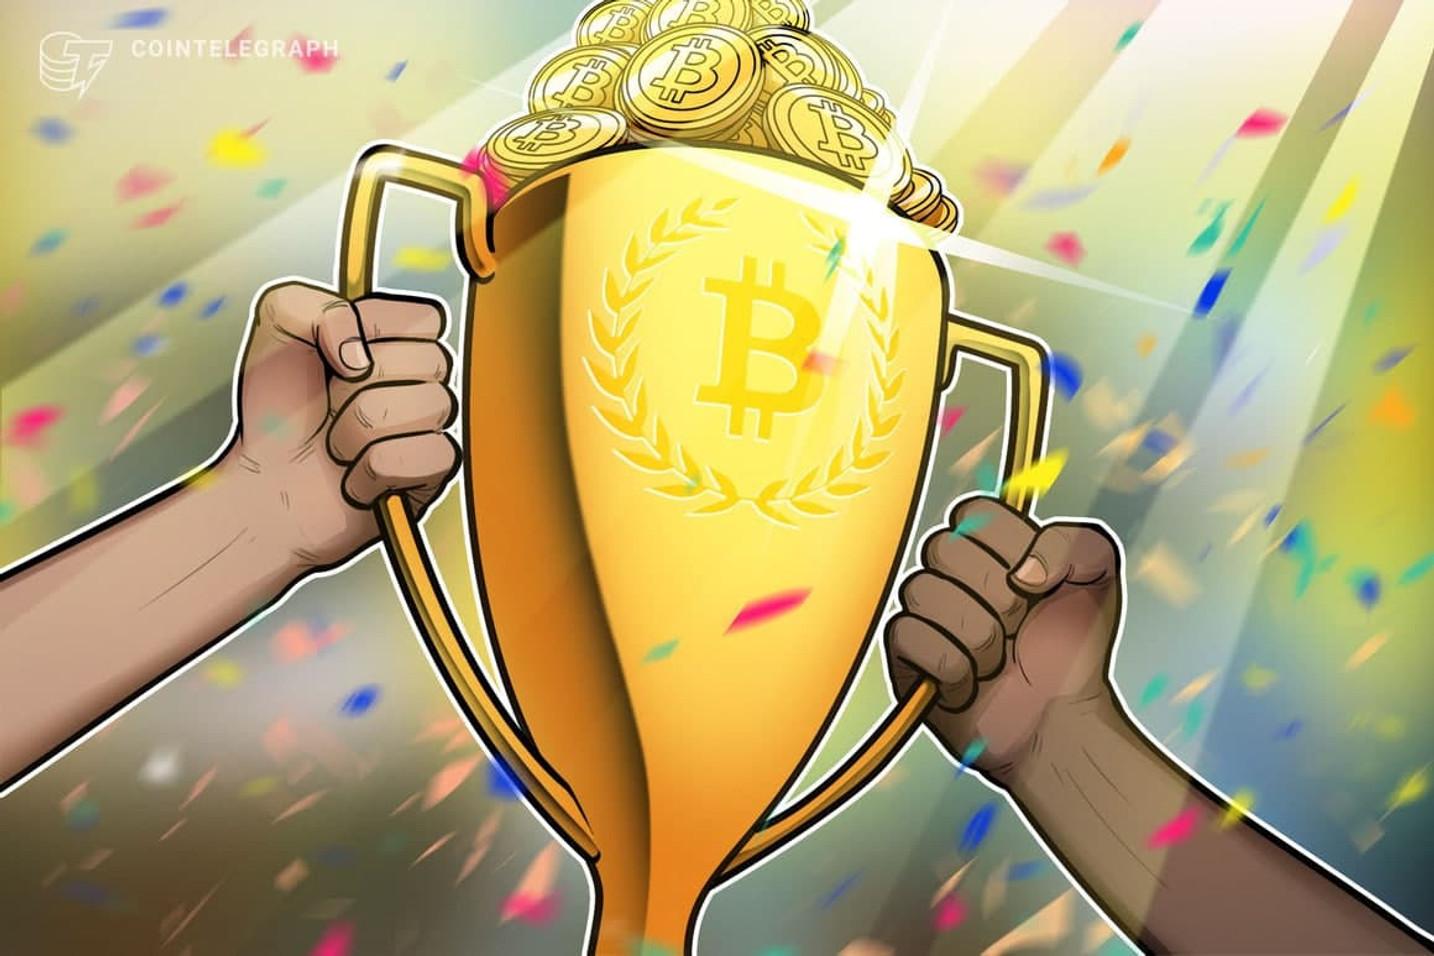 Invitan a concurso donde se probarán conocimientos en el ecosistema cripto a cambio de premios